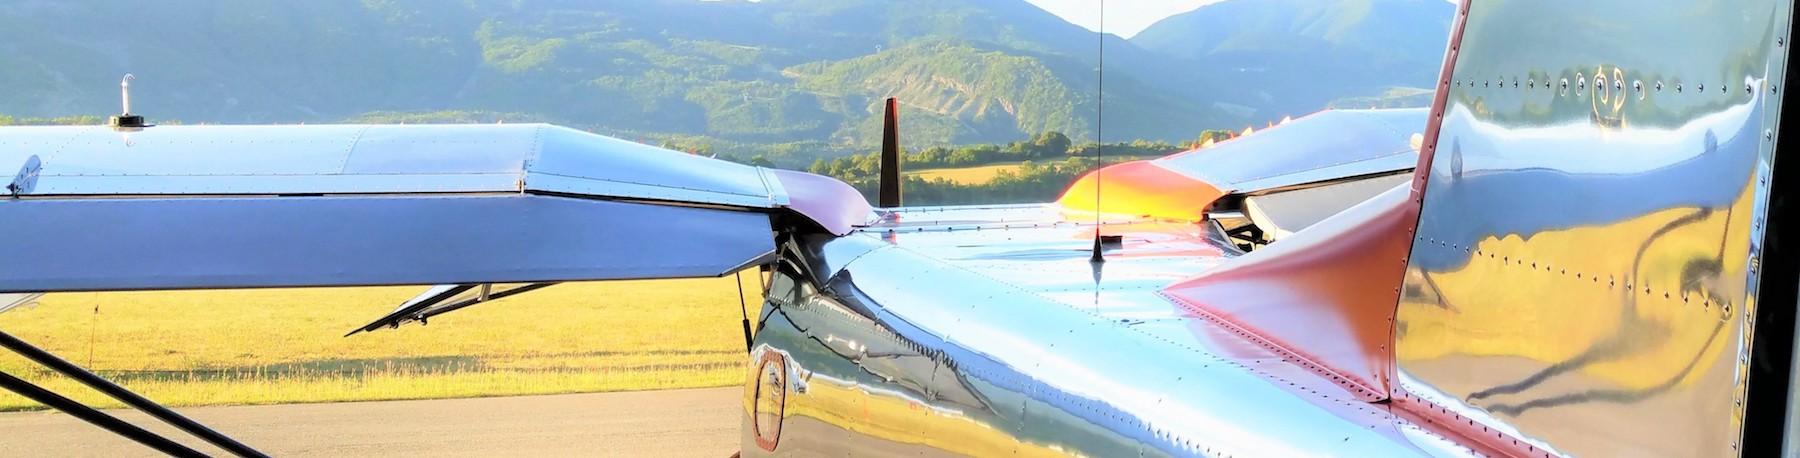 G1 Aviation - Ecole de pilotage - Bannière